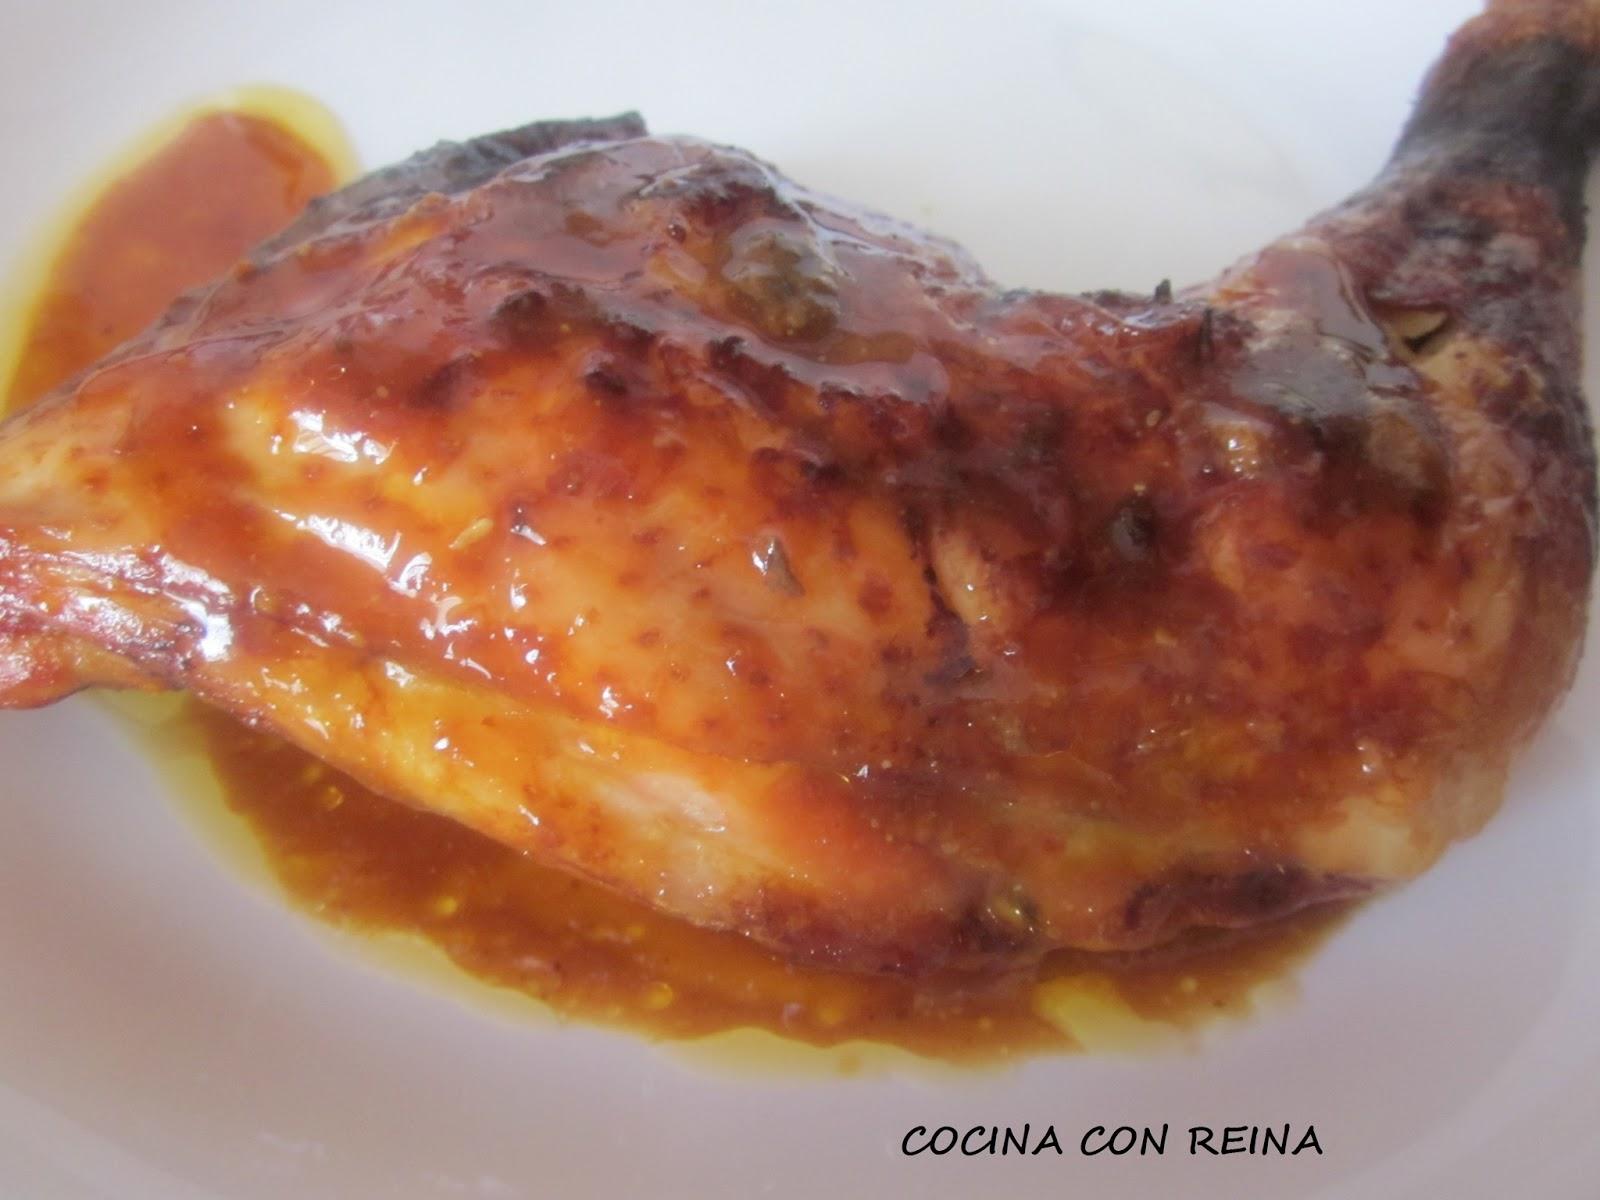 Muslos de pollo con salsa agridulce cocina con reina for Muslos pollo en salsa